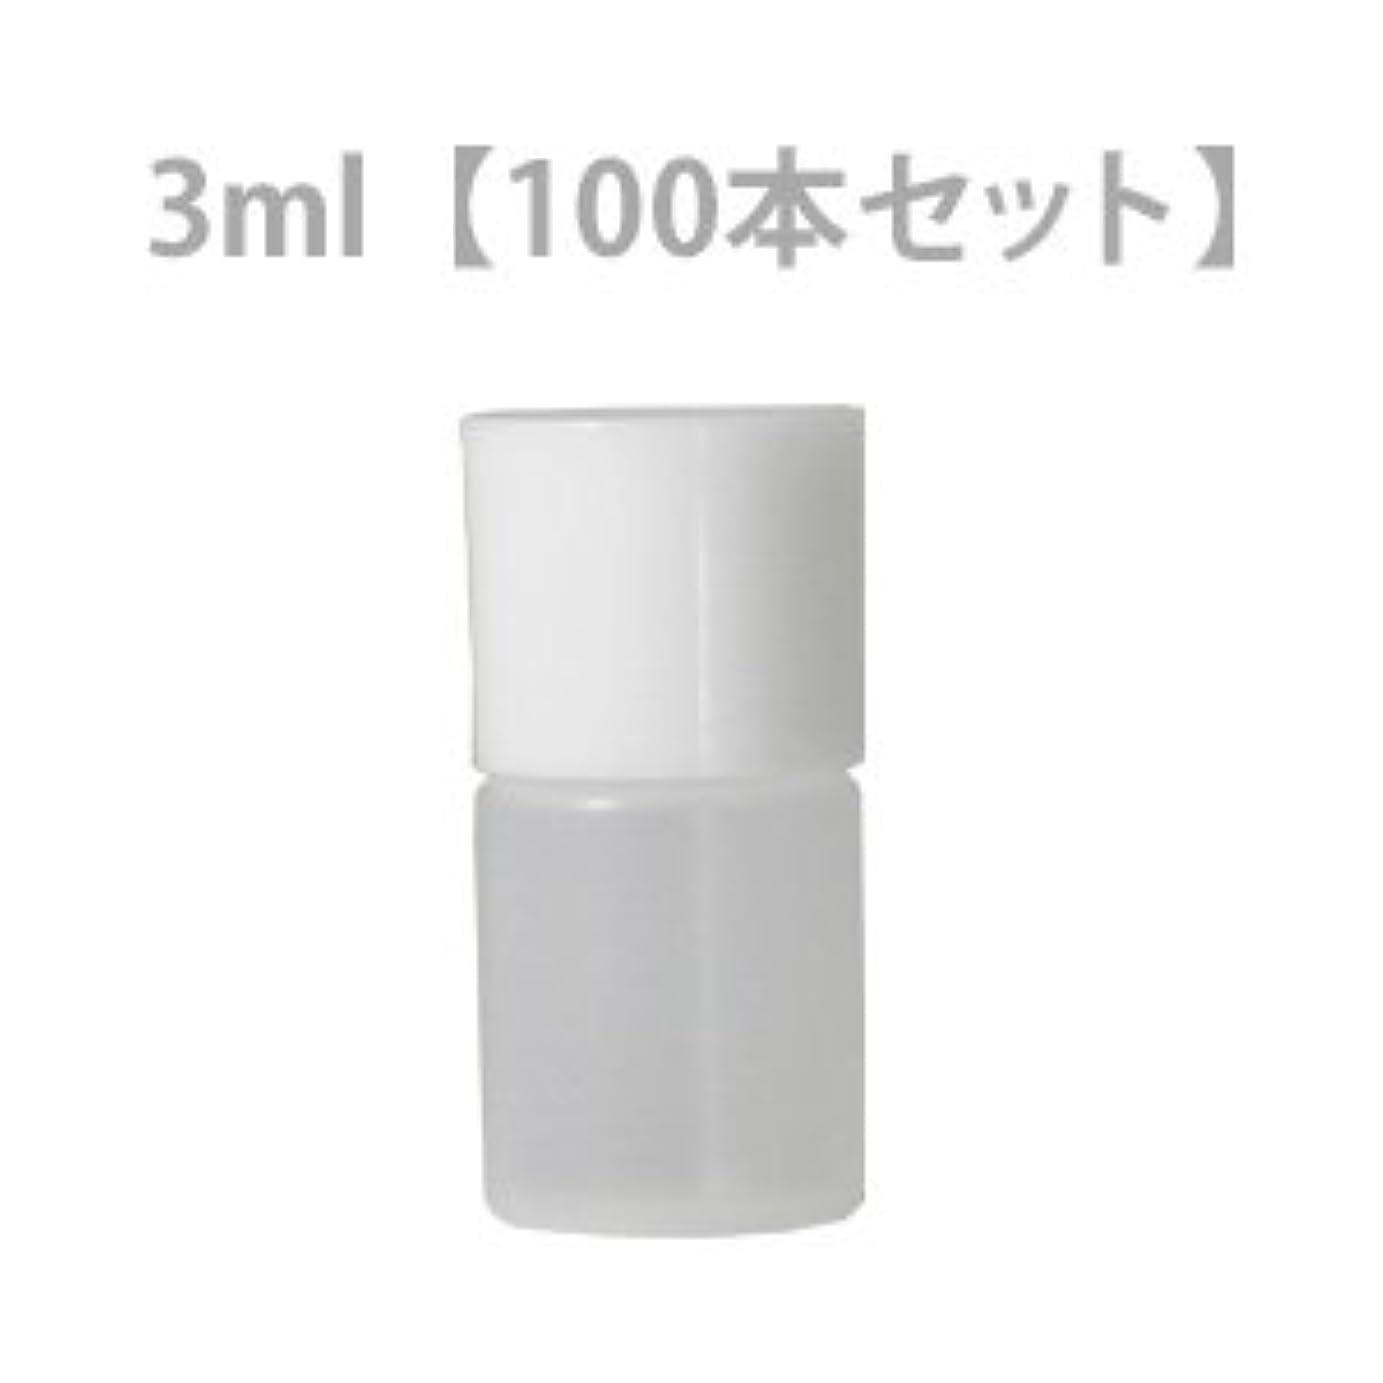 崩壊モノグラフ忌まわしい穴あき中栓付きミニボトル3ml 100本セット 【化粧品容器】